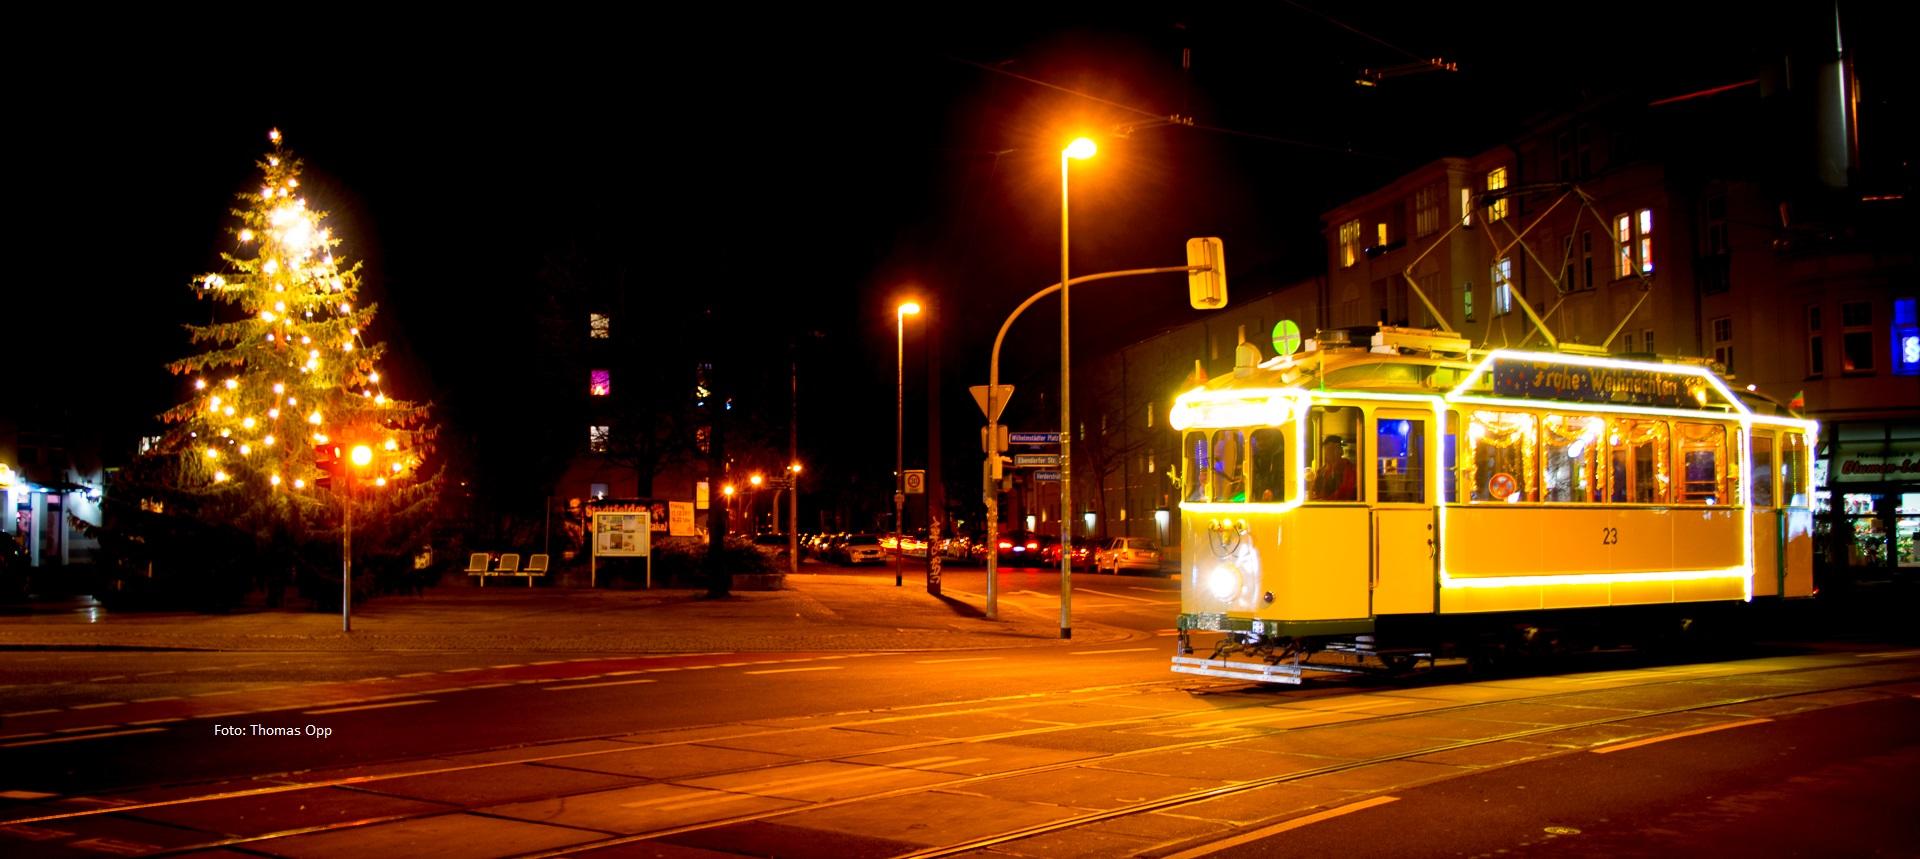 Historische Straßenbahn zu Weihnachten in Stadtfeld